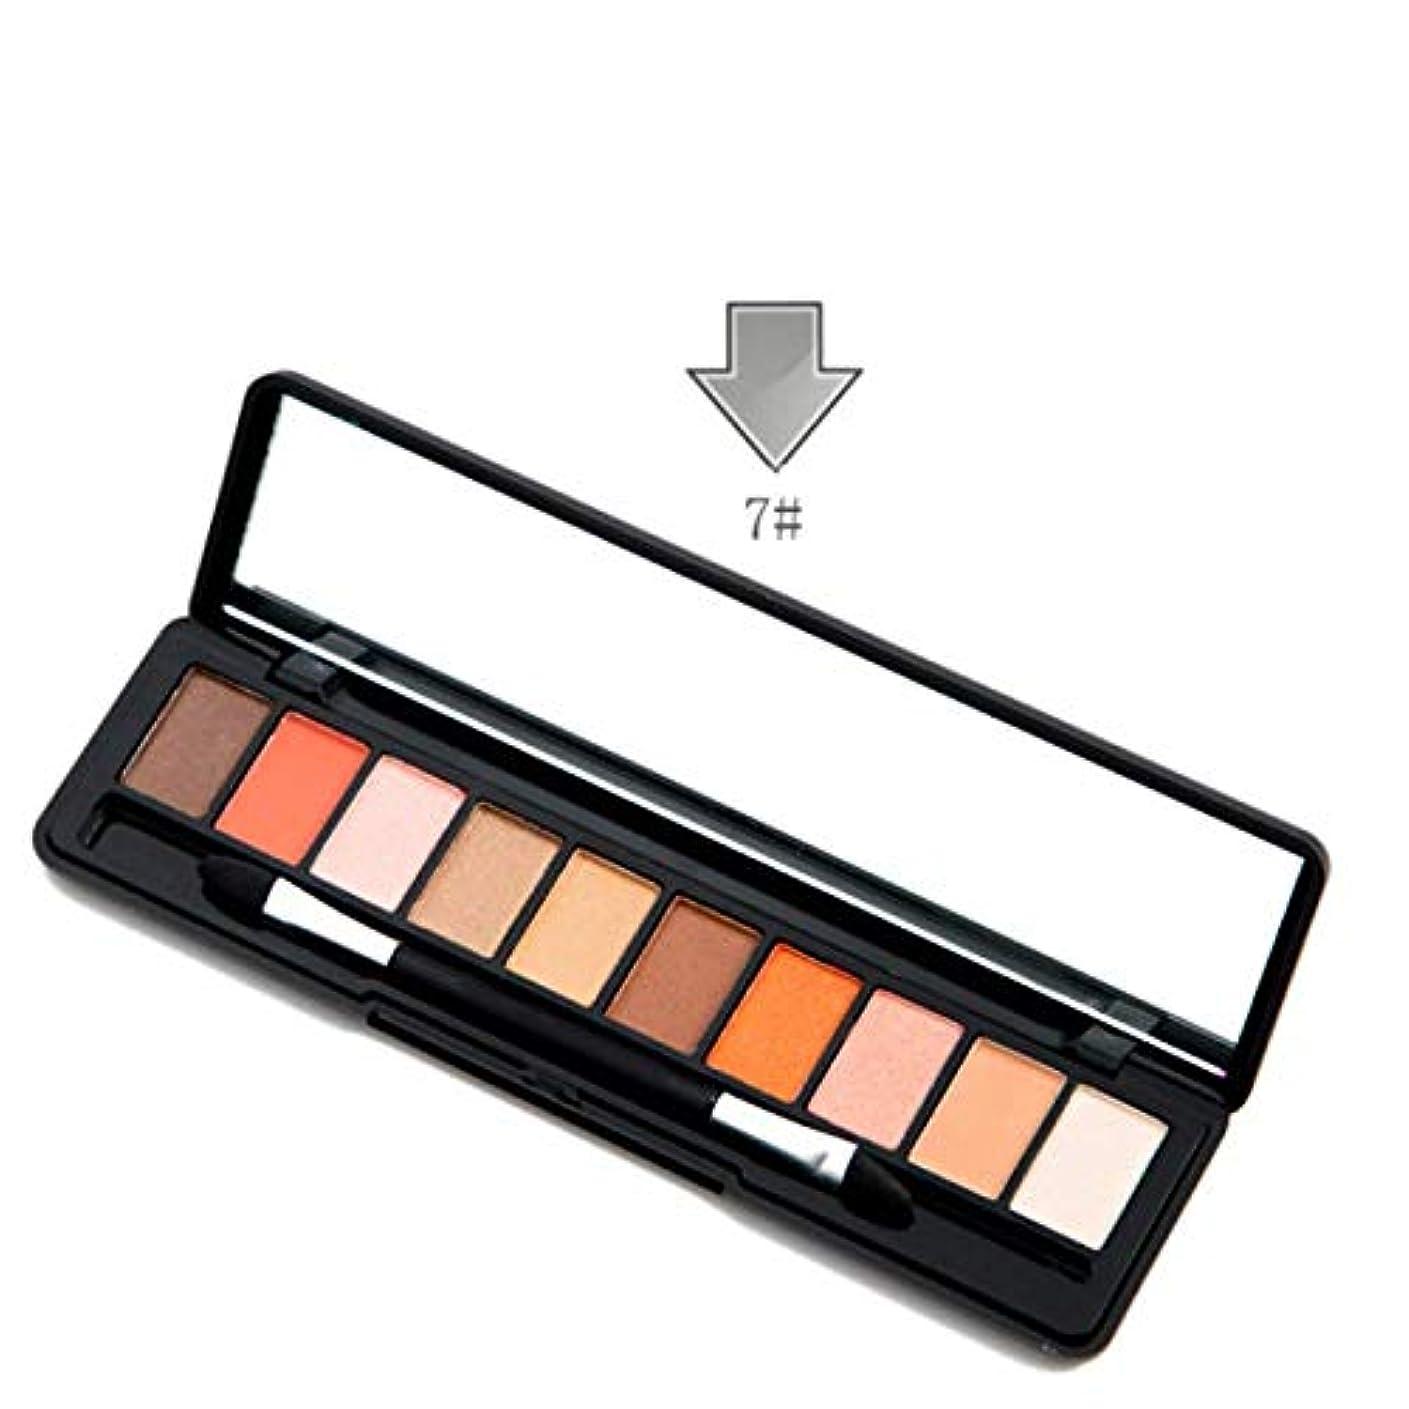 下にやさしく不毛FidgetGear 10色化粧マットアイシャドウパウダーシマーアイシャドウパレットブラシセット #7